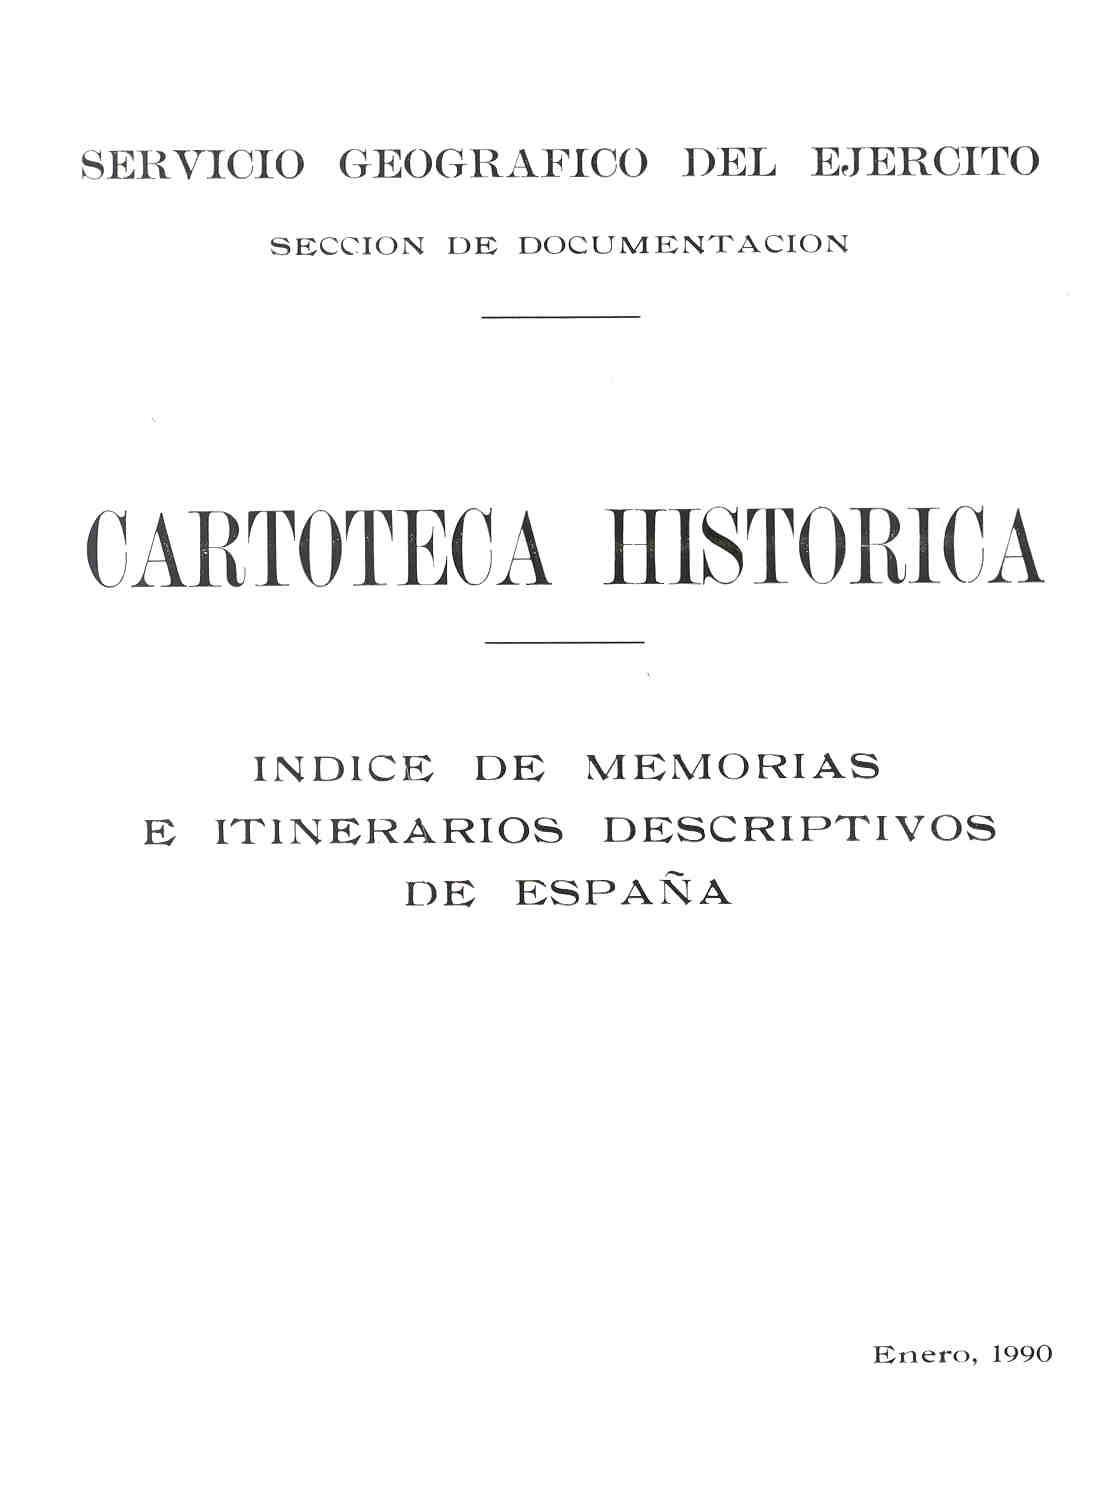 ÍNDICE DE MEMORIAS E ITINERARIOS DESCRIPTIVOS DE ESPAÑA,